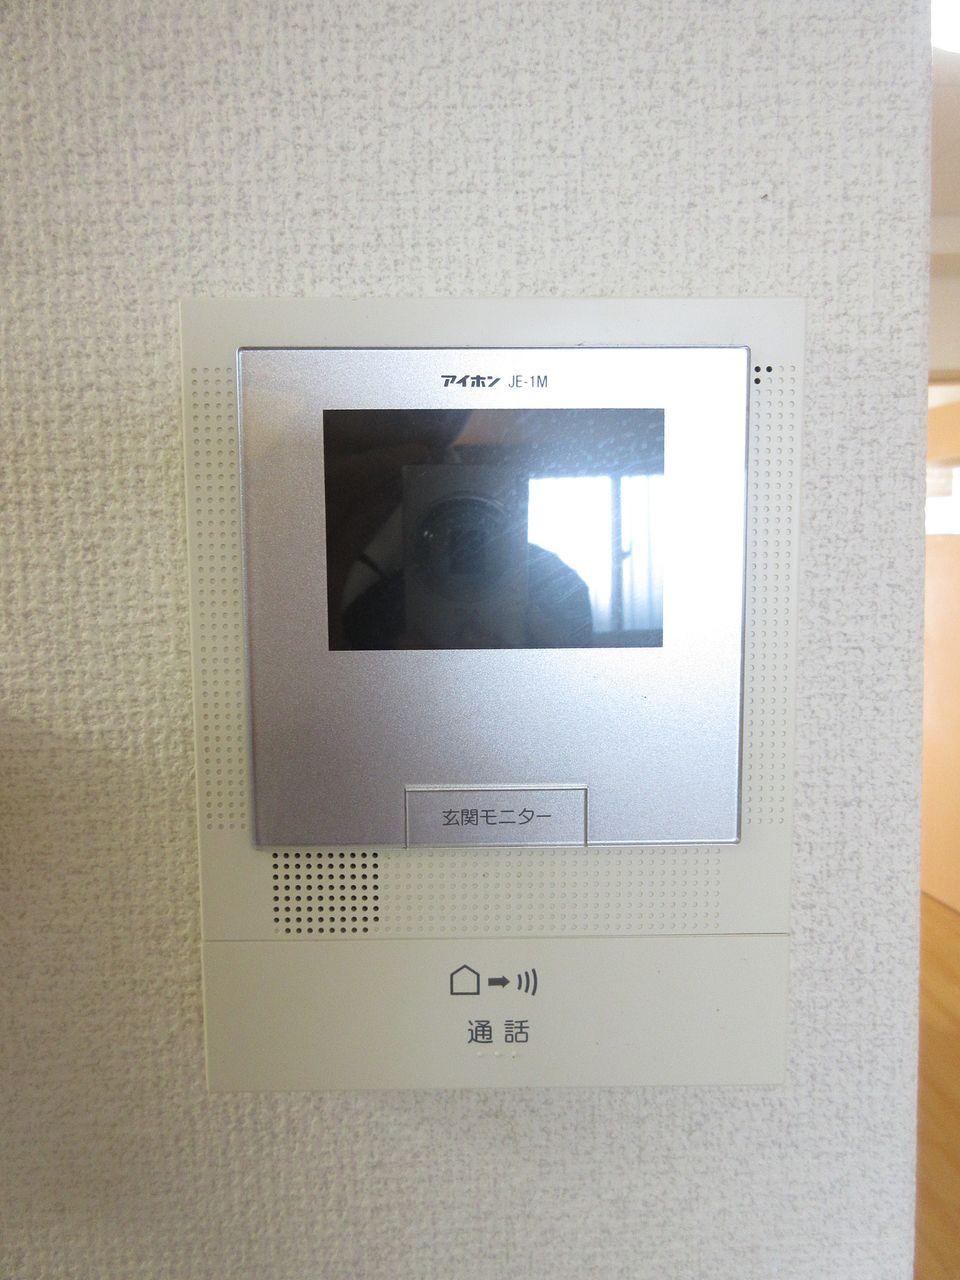 住戸内から音声と映像により来訪者を確認できます